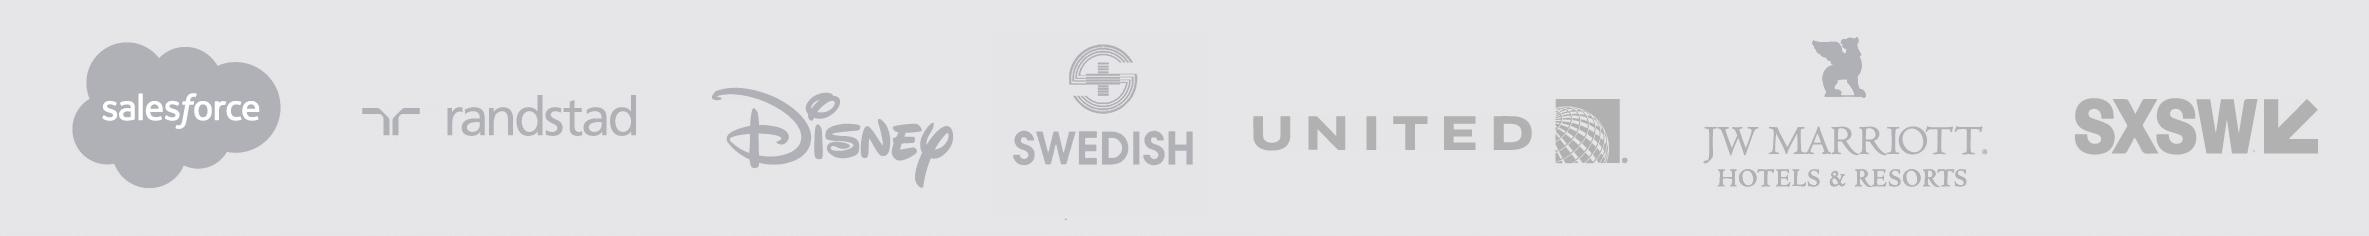 customer-logo-bar-gray.png